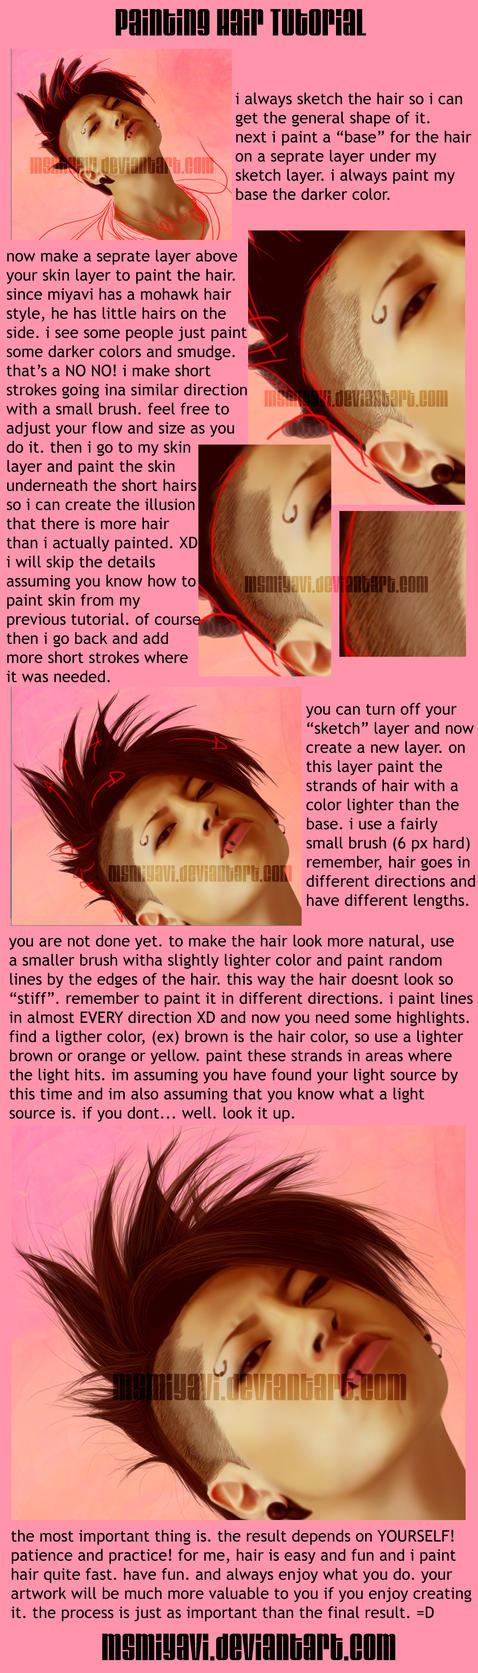 painting hair quick tutorial by MsMiyavi